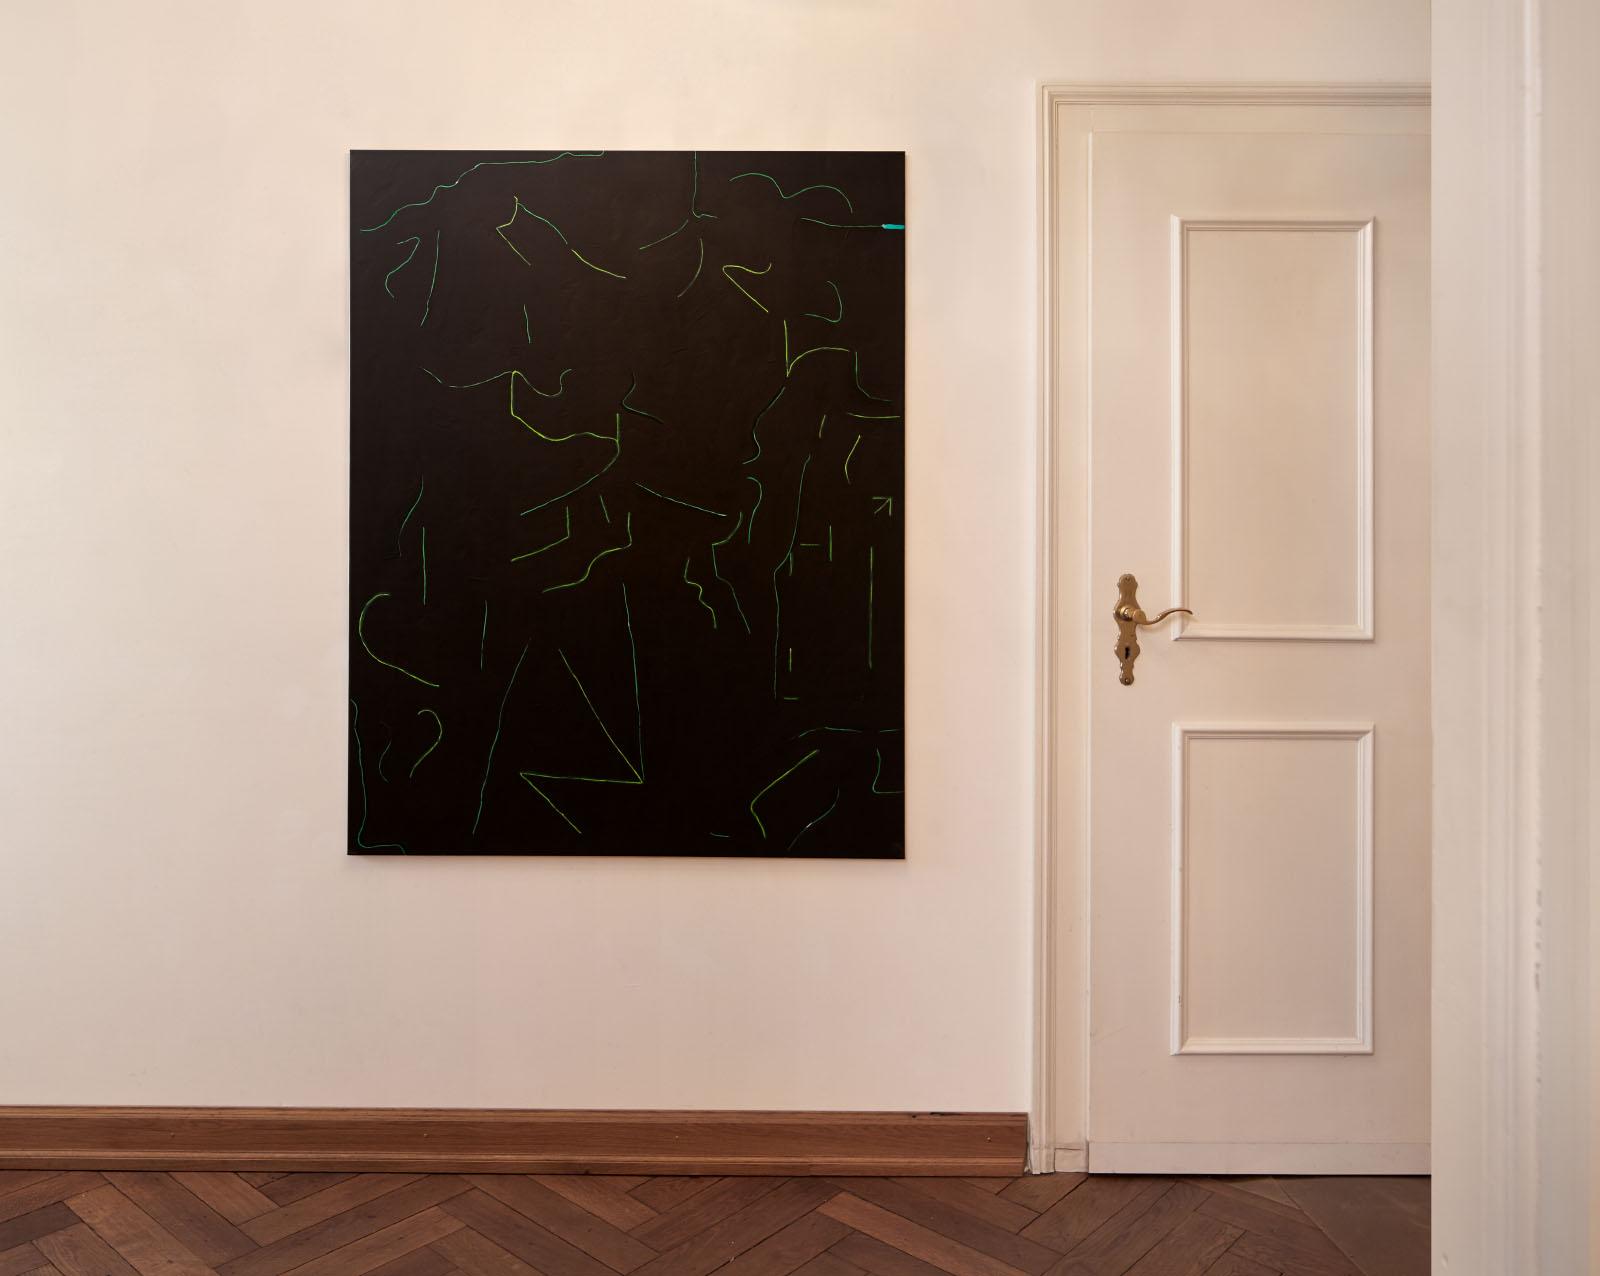 """Ausstellungsansicht der Gruppenausstellung """"Deine blauen Augen sind mir scheißegal"""" – Malerei: Uta Koslik"""